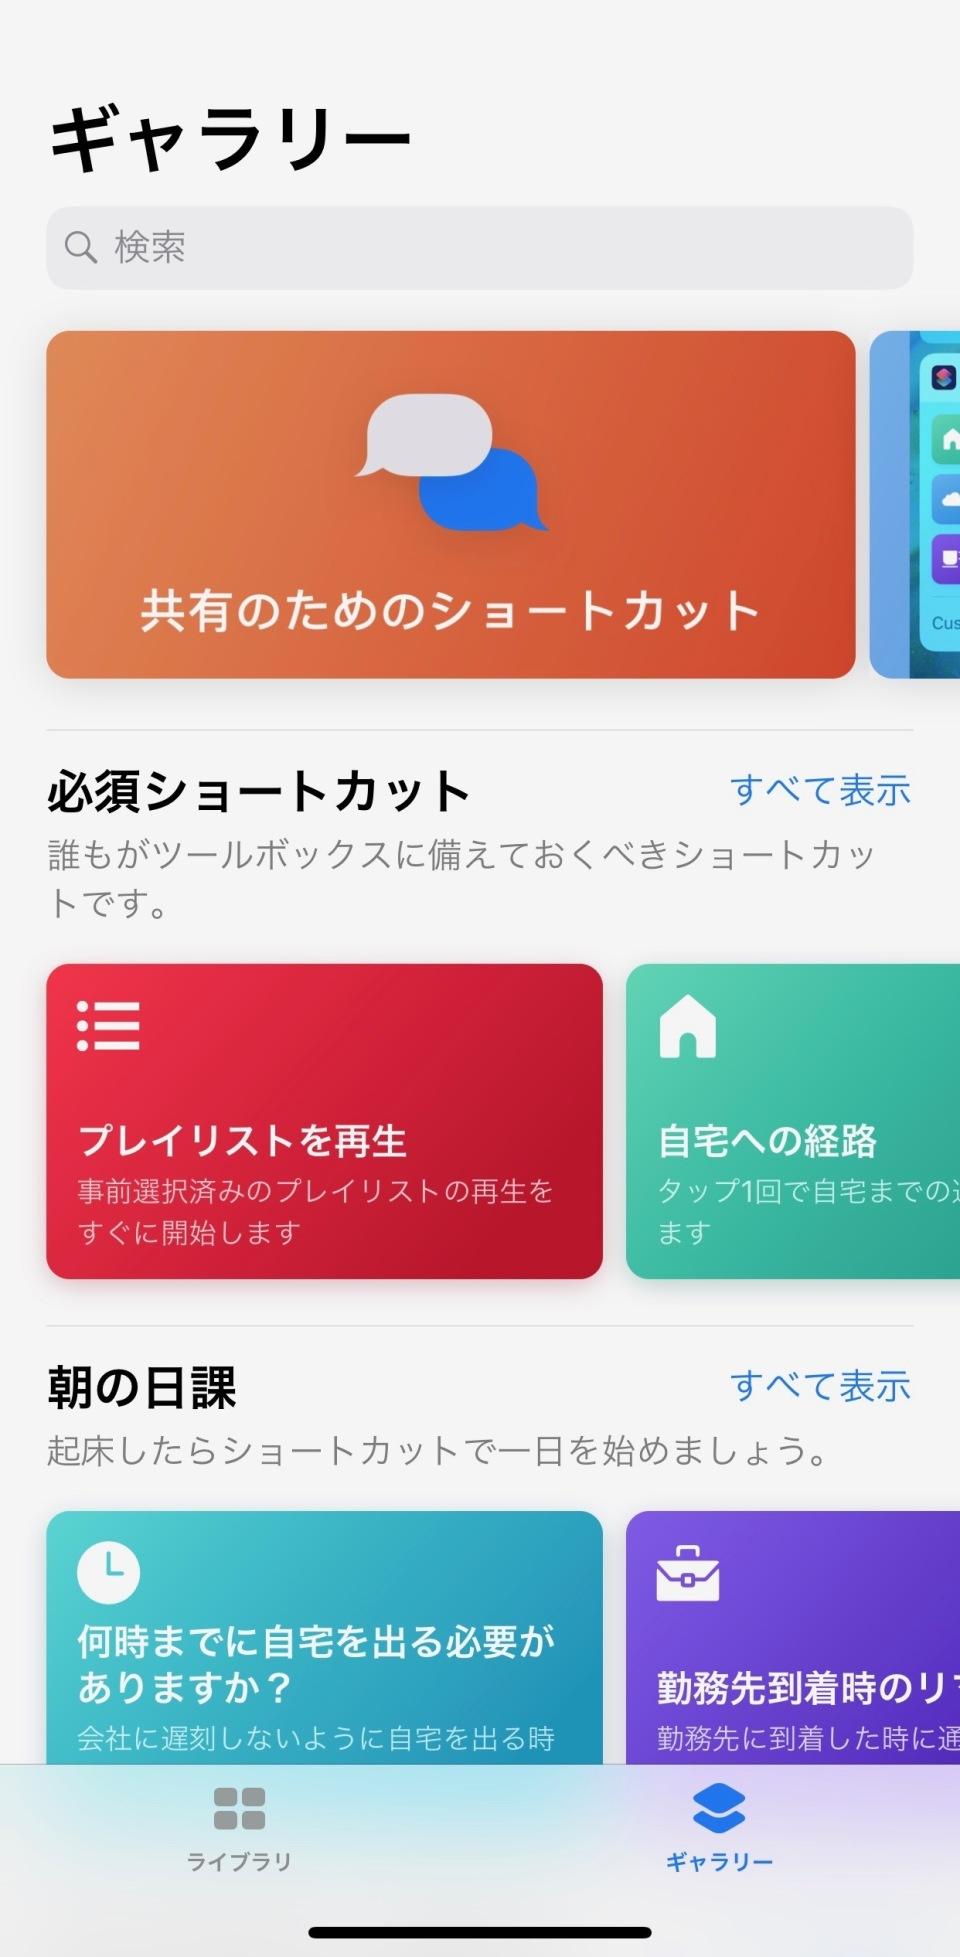 西田宗千佳のトレンドノート:iOS 12の「ショートカット」から未来が見える 2番目の画像